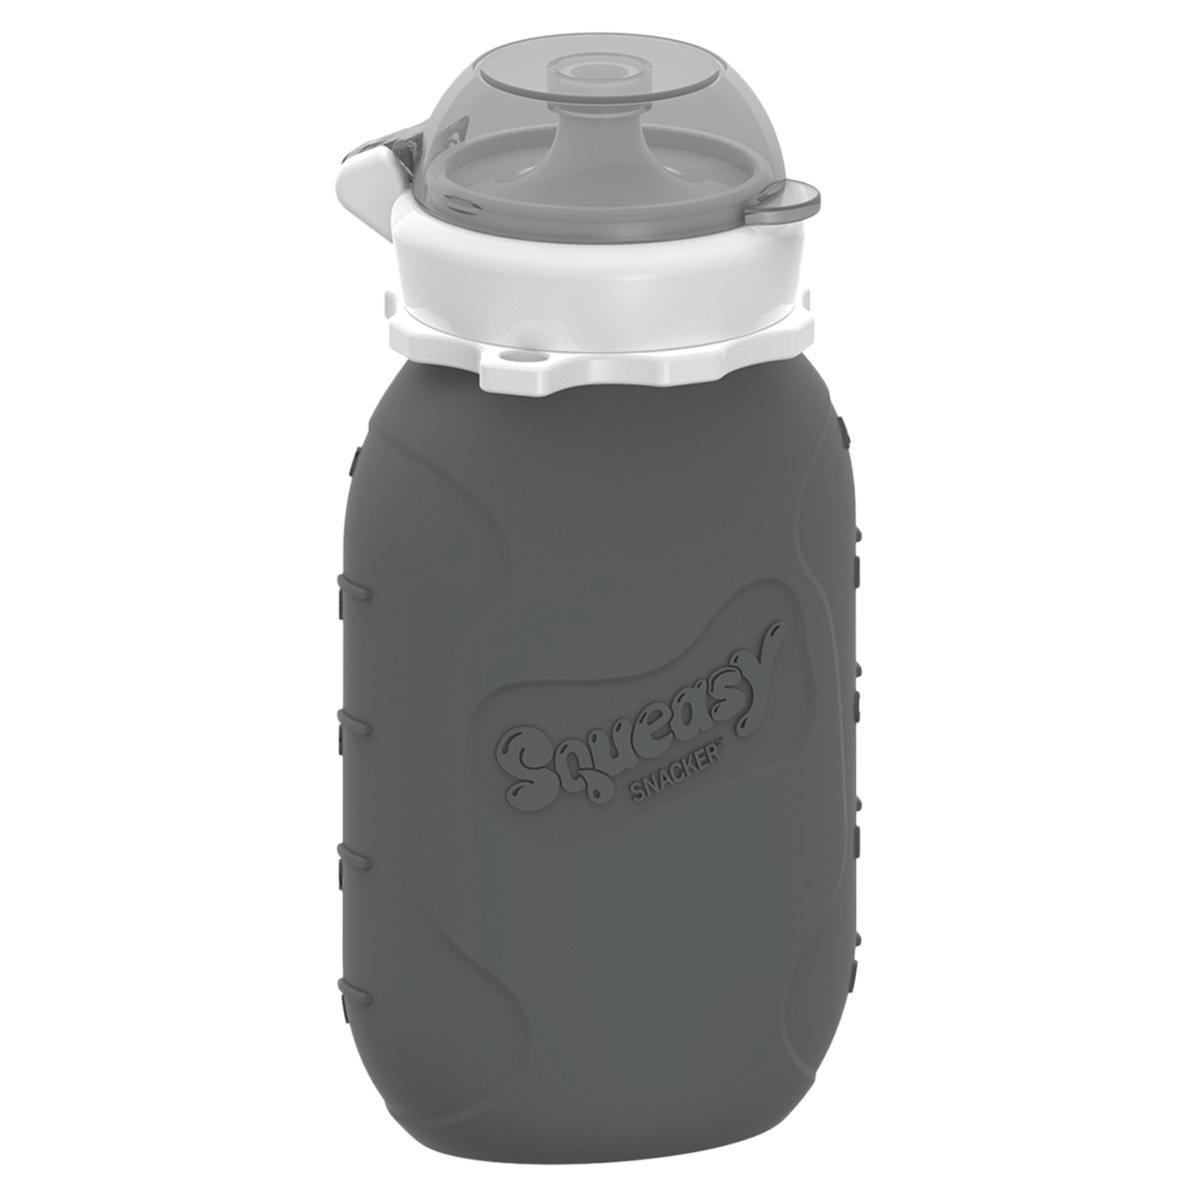 Squeasy Gear Snacker - Grey (180ml) image